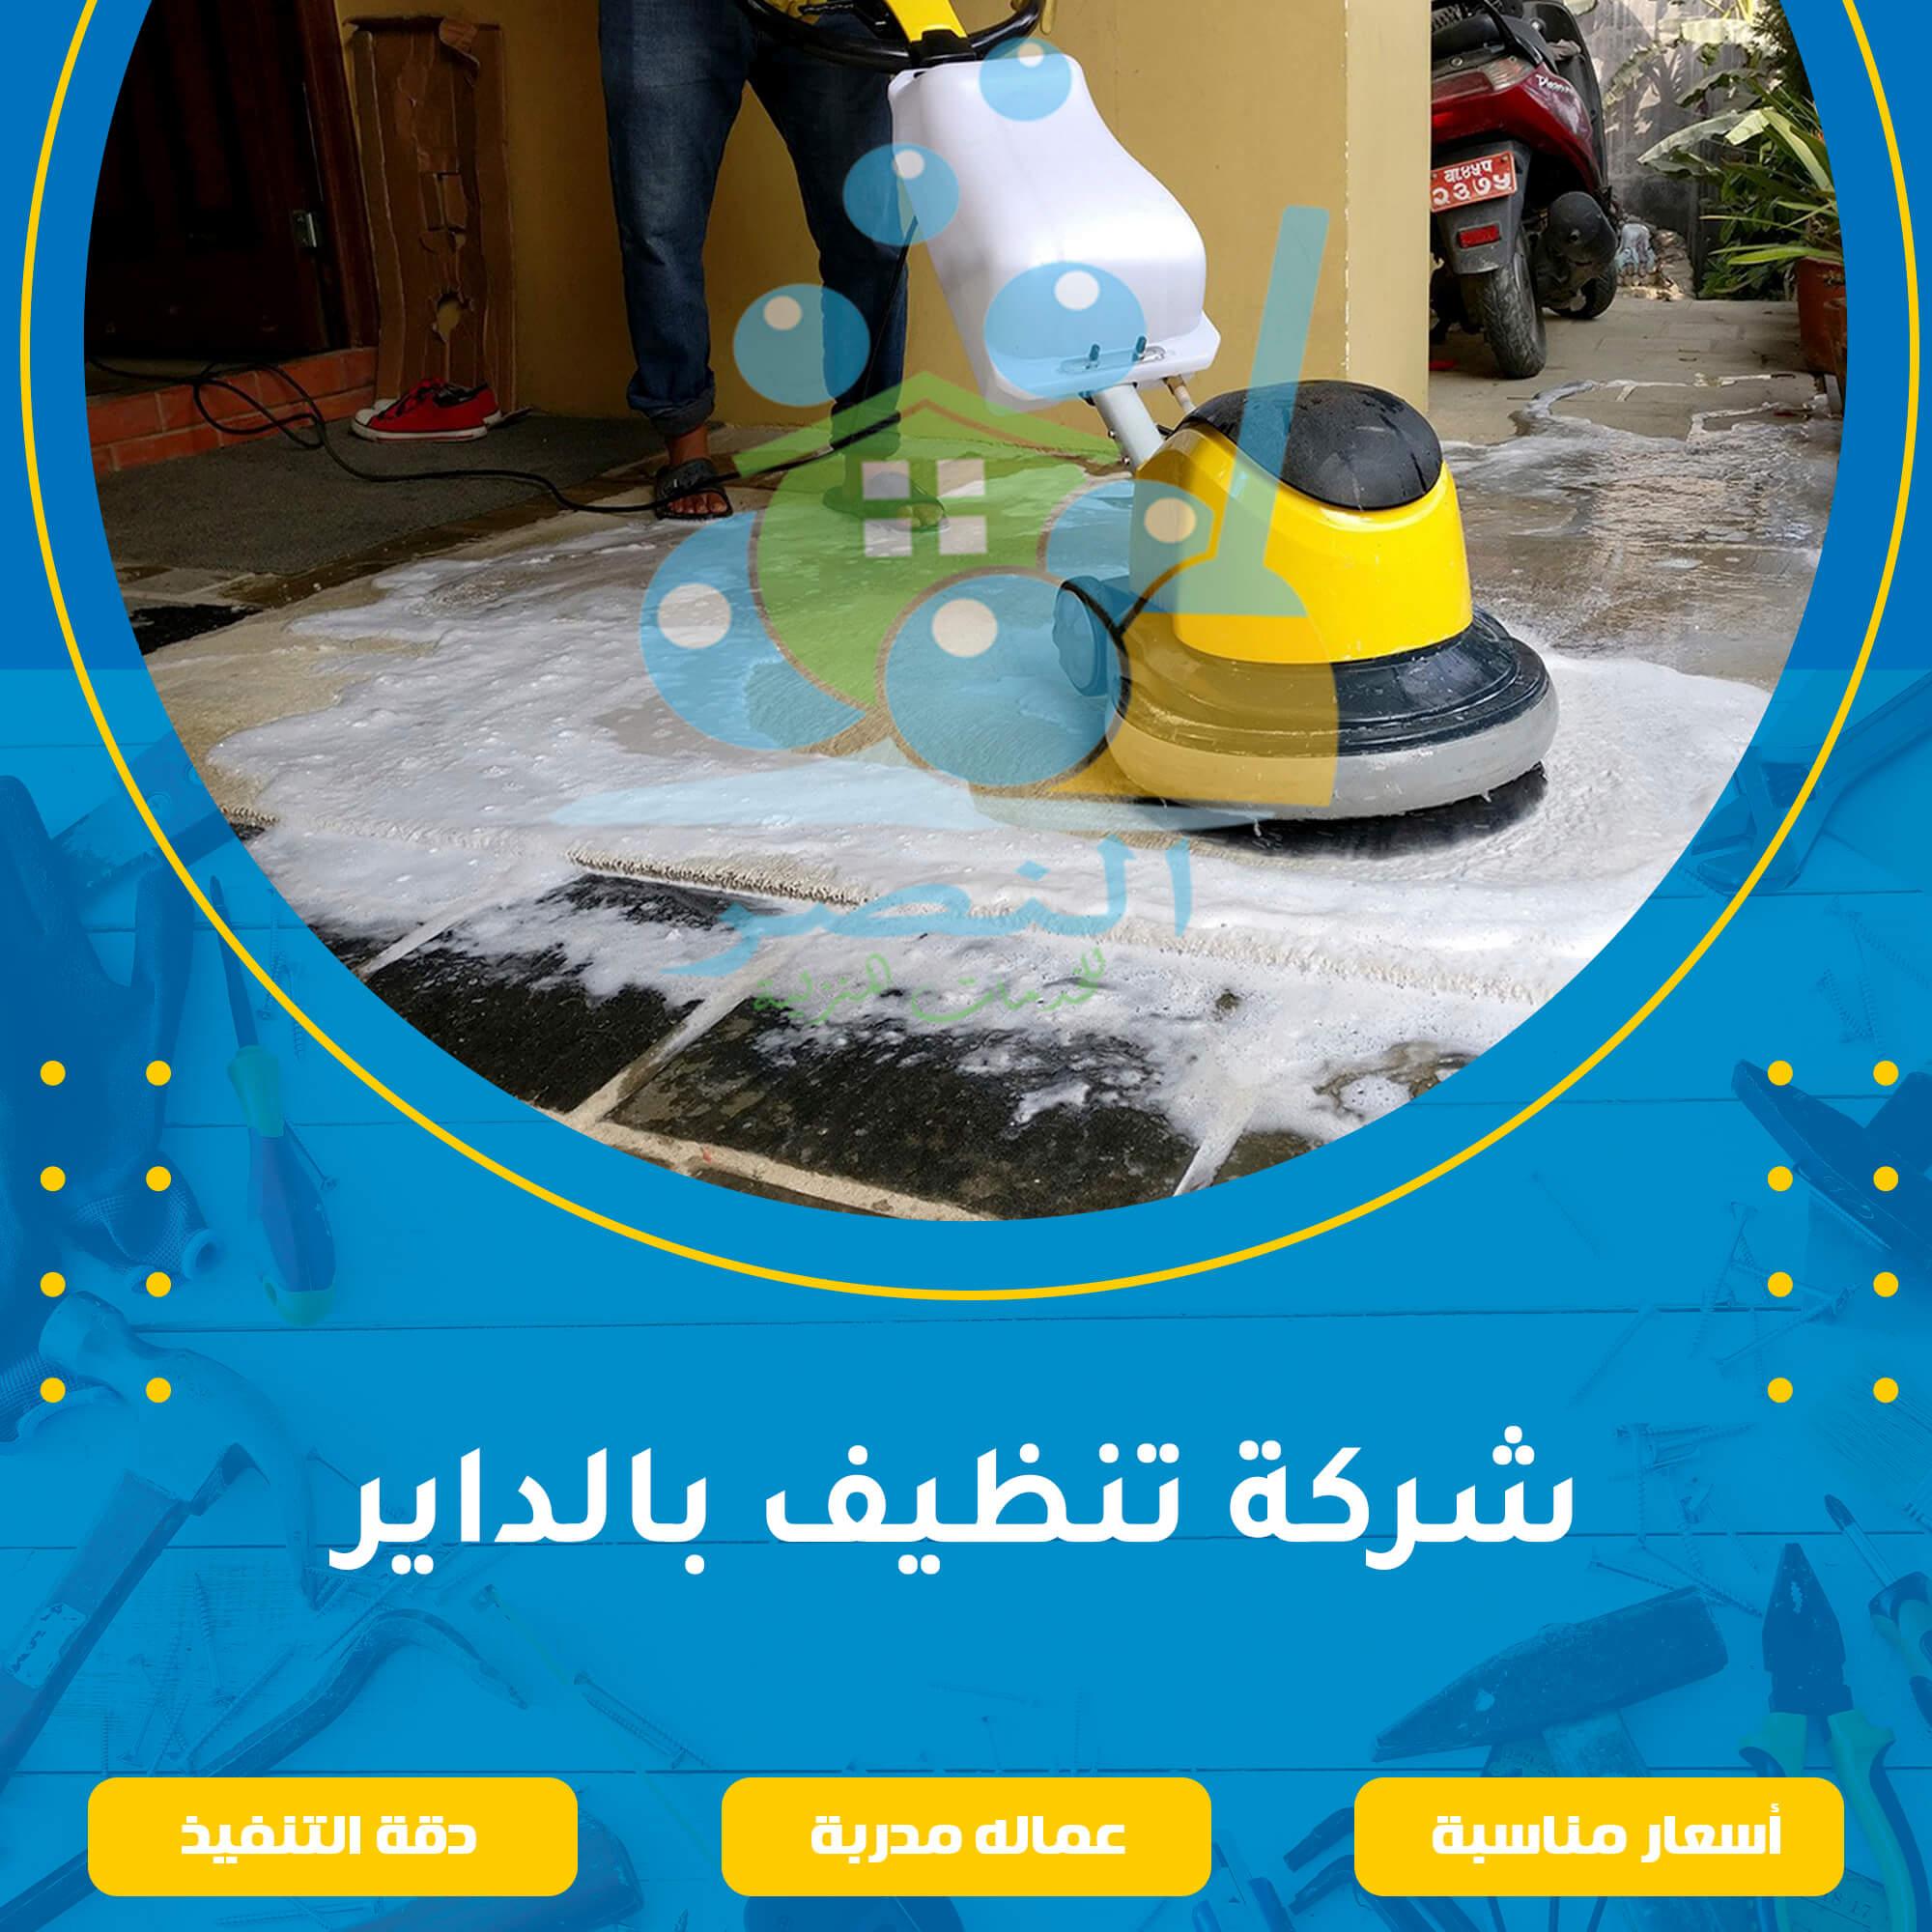 شركة تنظيف منازل بالداير